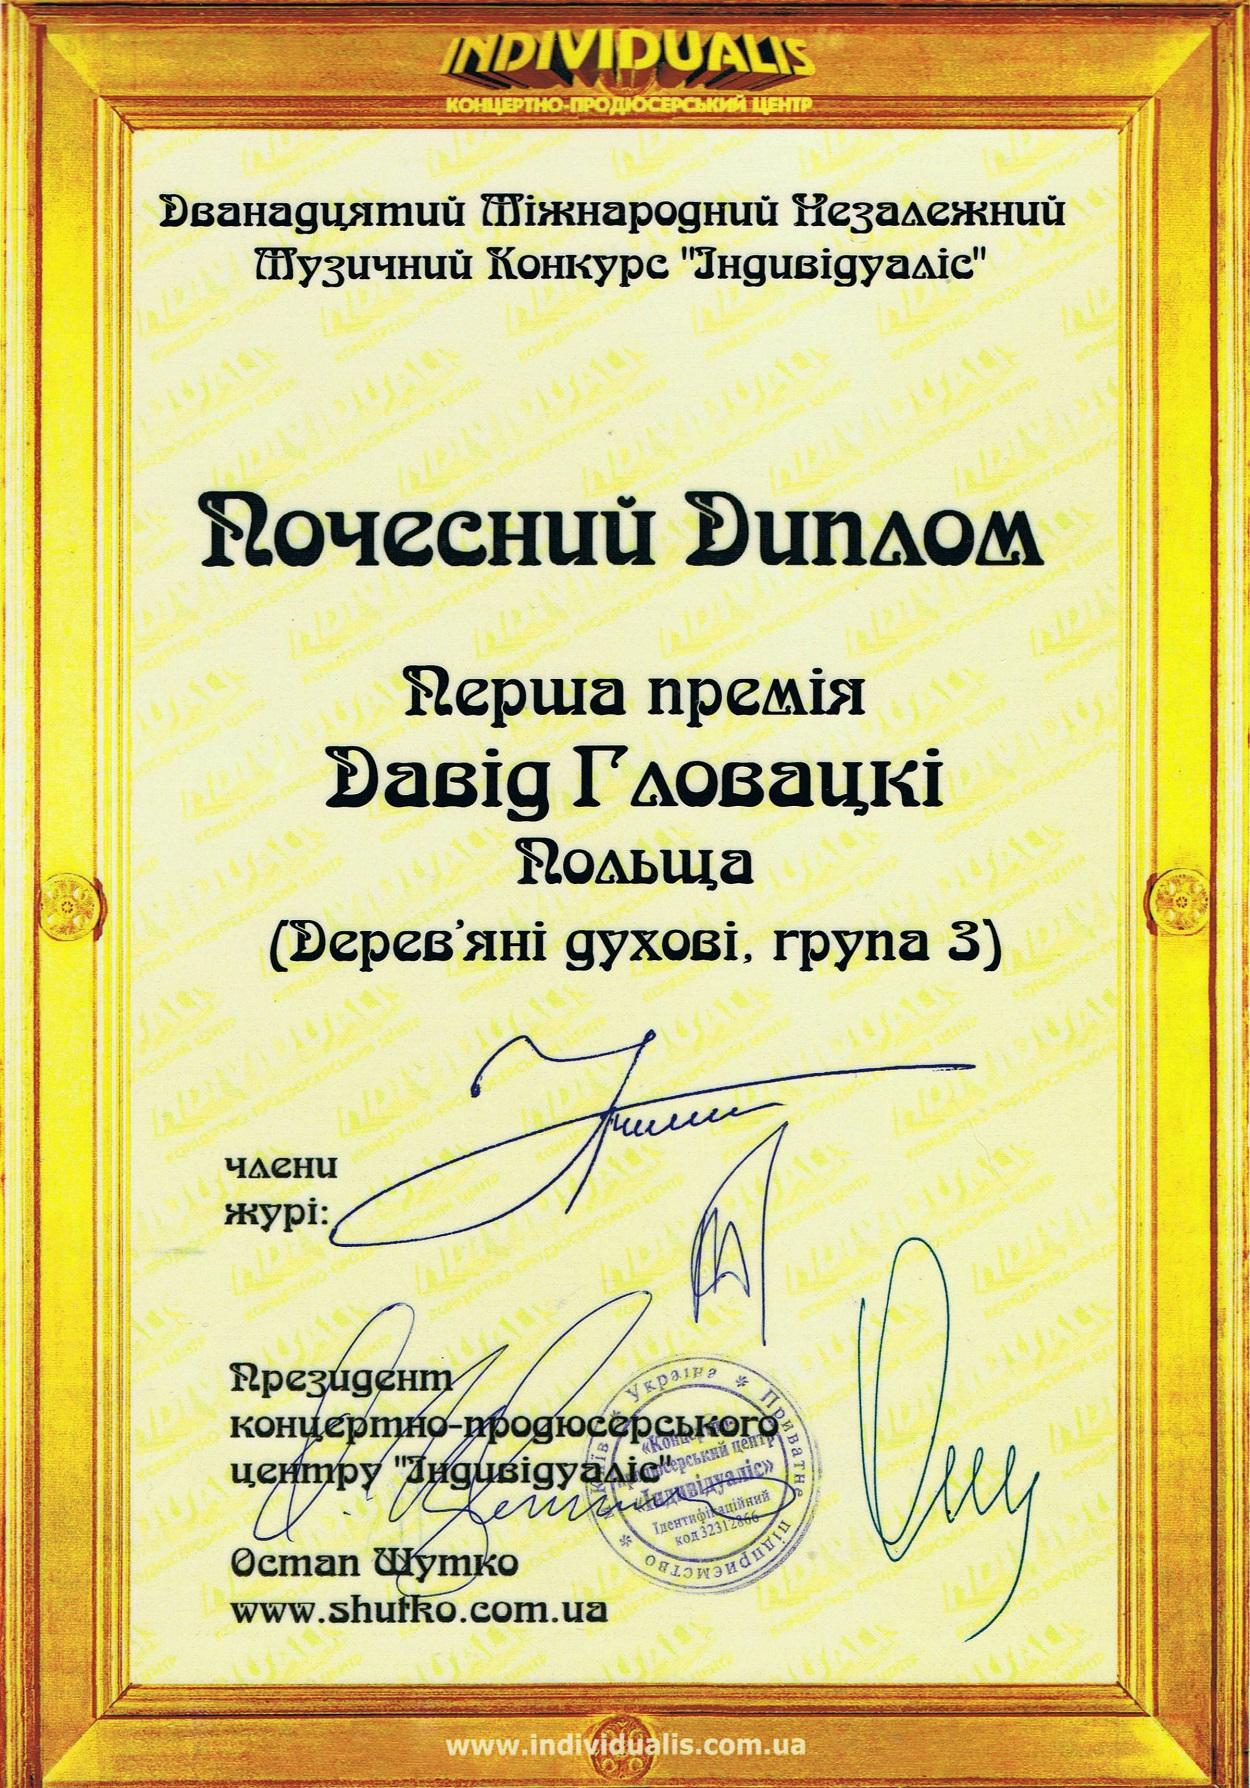 Dyplom_Dawid_Glowacki_2_www